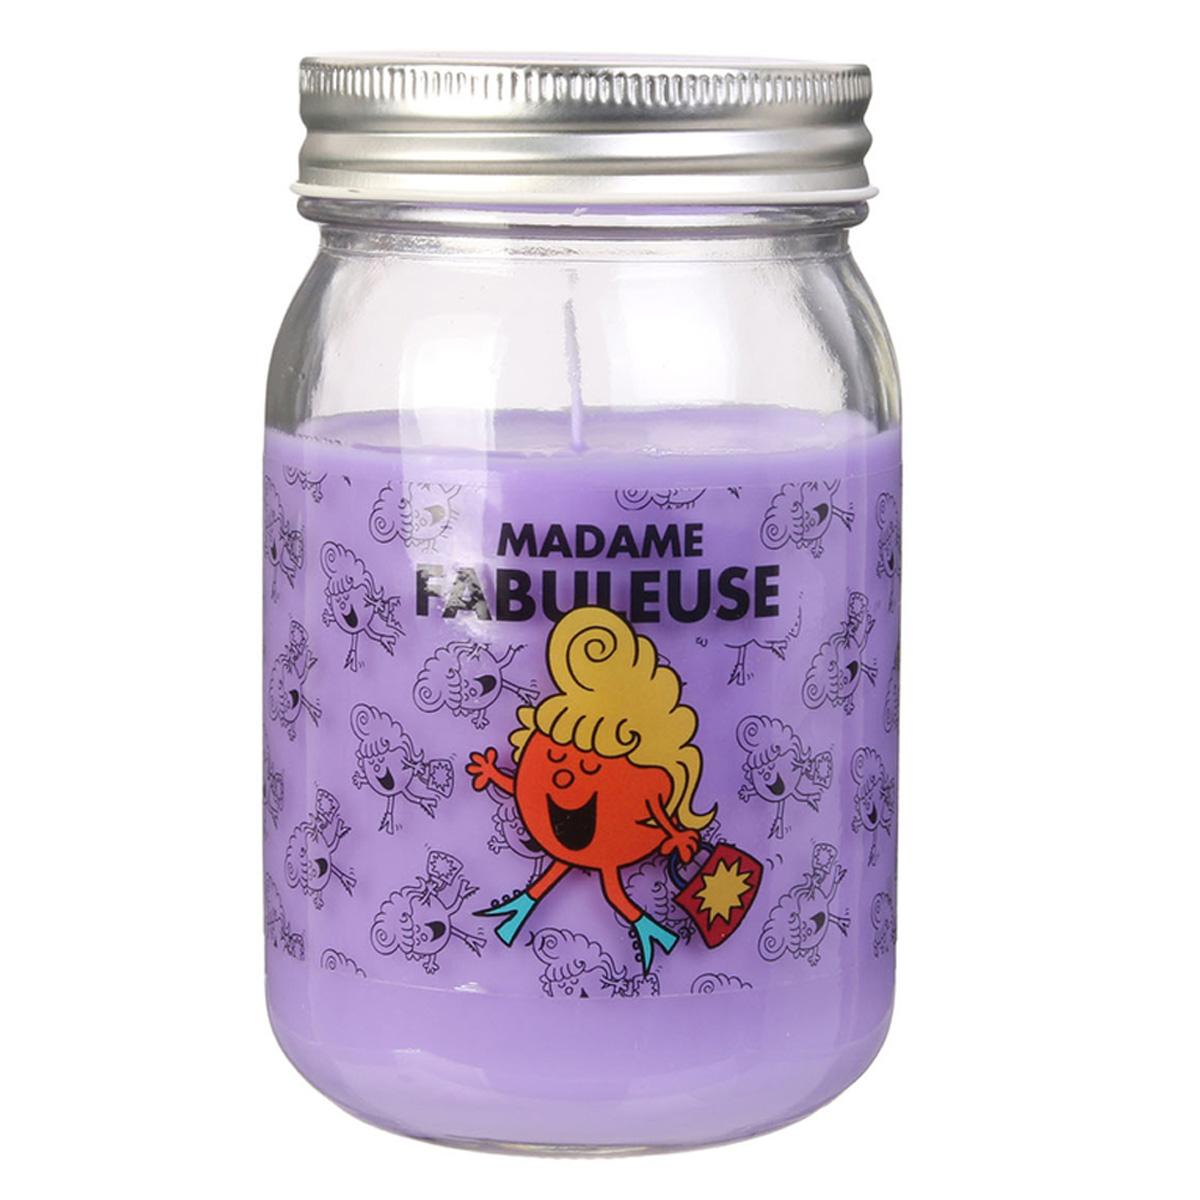 Bougie parfumée mason jar \'Monsieur Madame\' violet (Mme Fabuleuse) - 13x75 cm - [R0299]